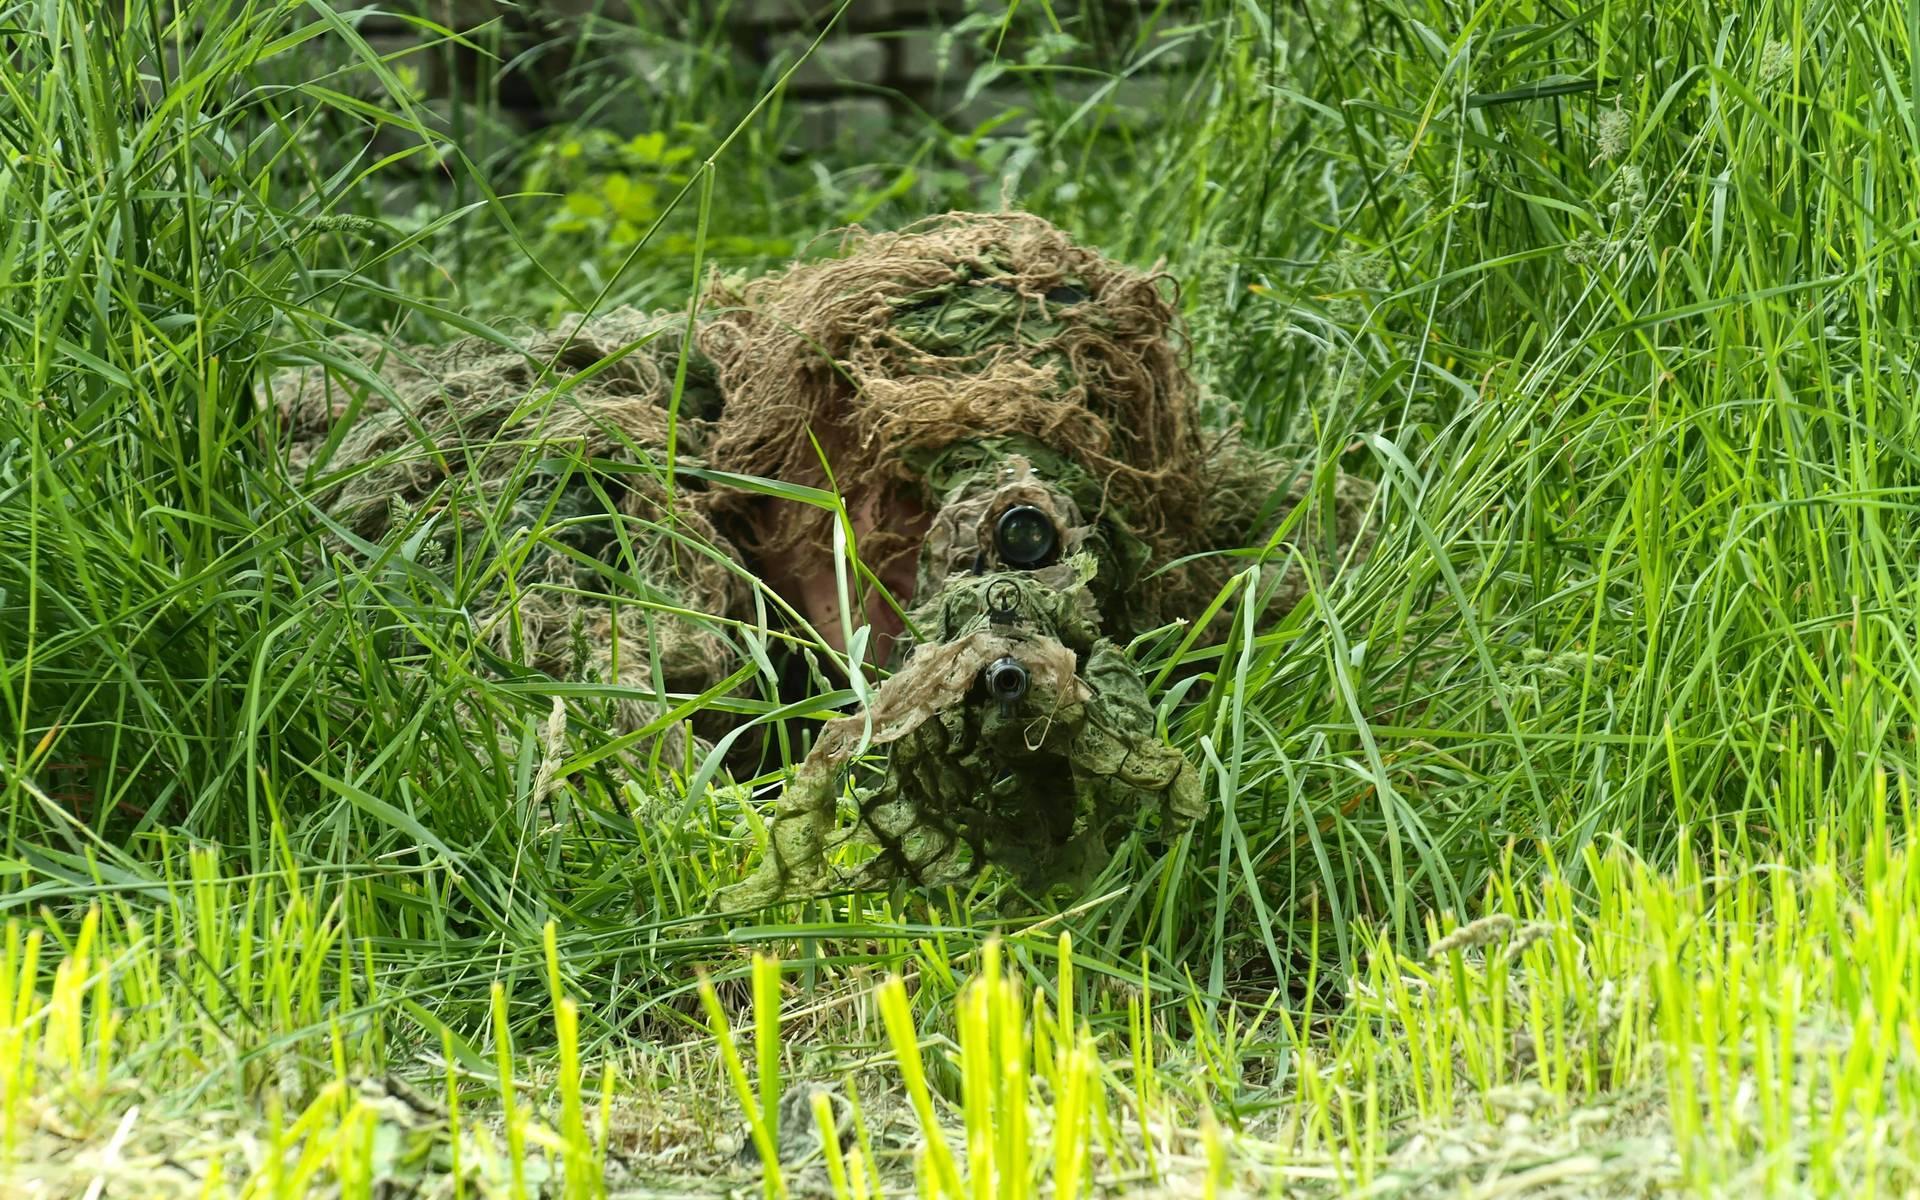 Seals Wallpaper Sniper camouflage ambush HD Wallpapers Desktop 1920x1200